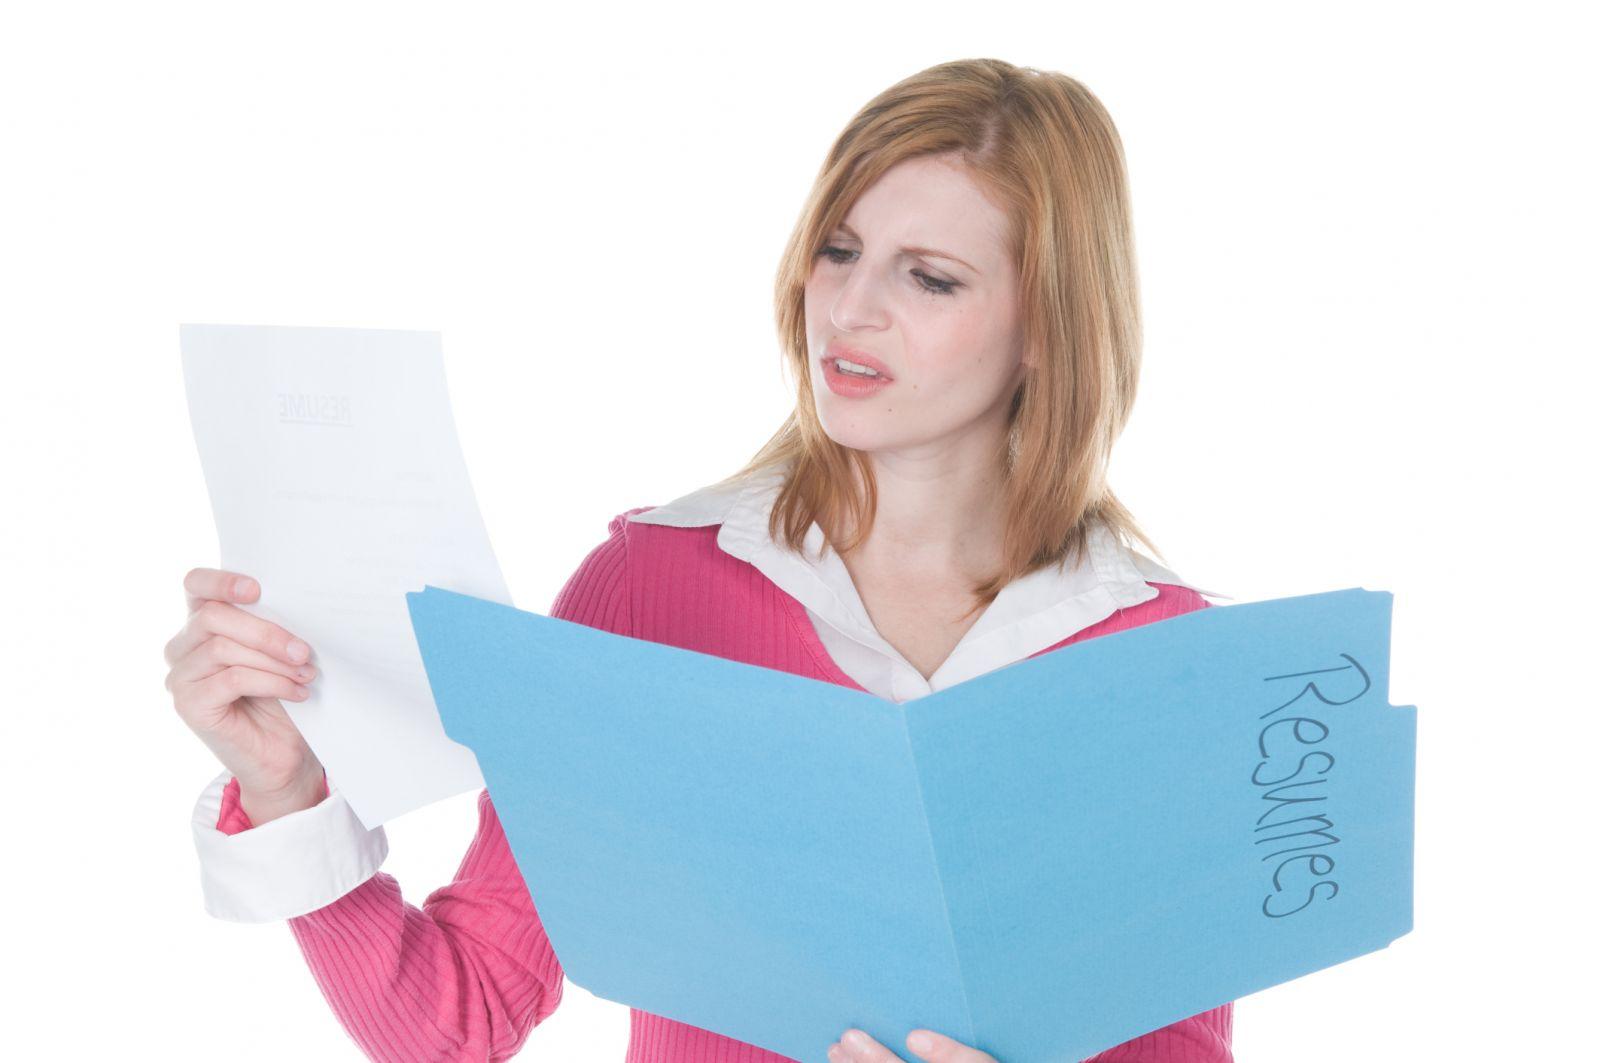 önéletrajz elküldése hirdetés nélkül minta Az önéletrajzírás 5 titka   Profession.hu önéletrajz elküldése hirdetés nélkül minta